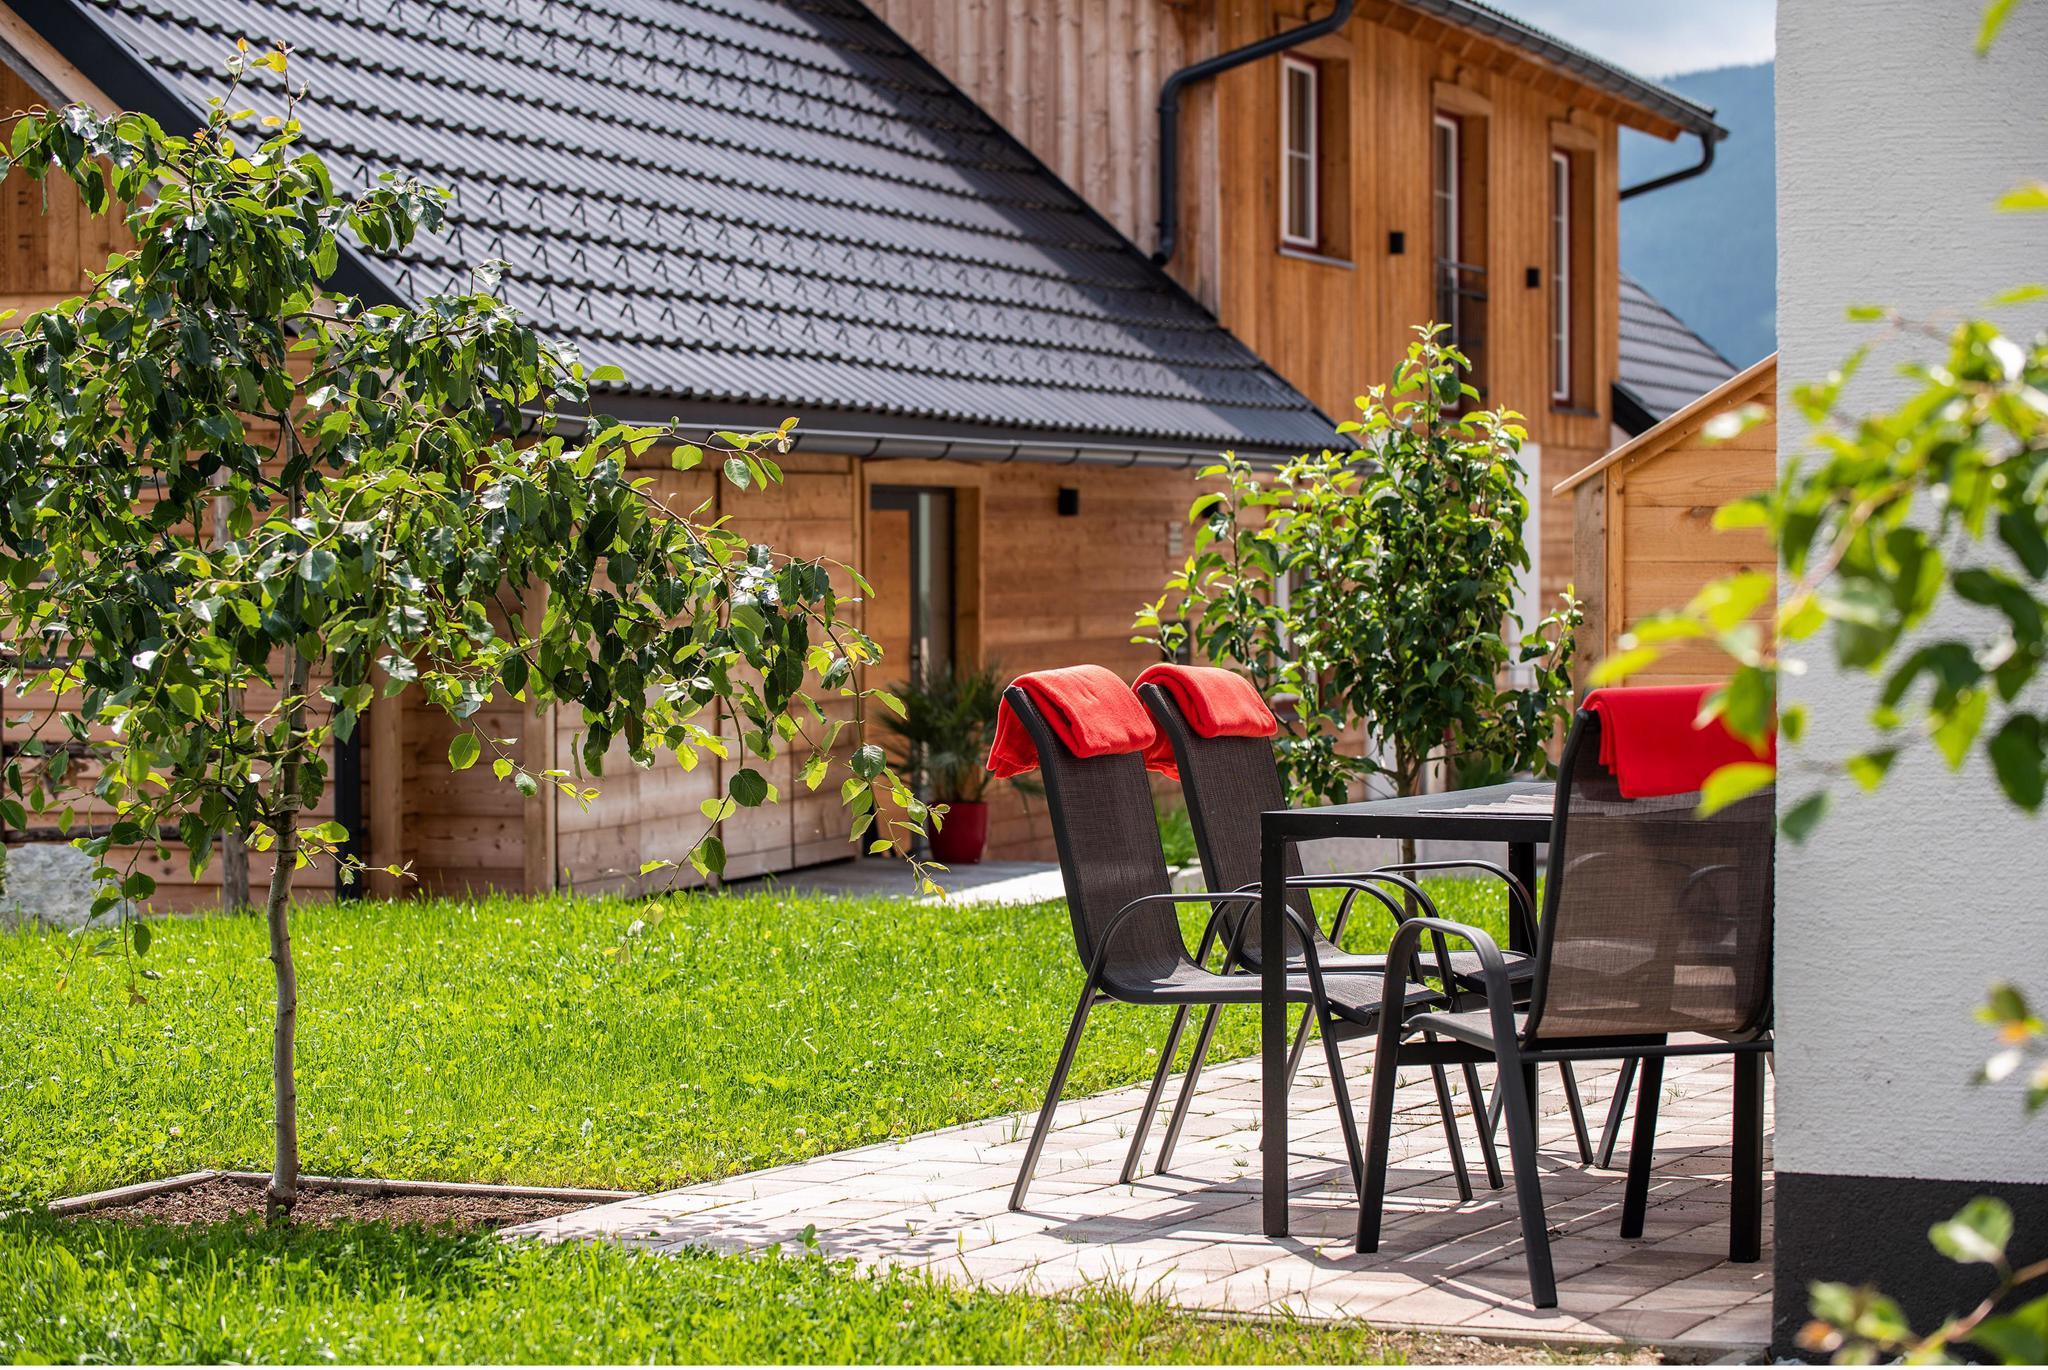 Ferienhaus im Feriendorf Edelweiss (2916176), Mariapfarr, Lungau, Salzburg, Österreich, Bild 20